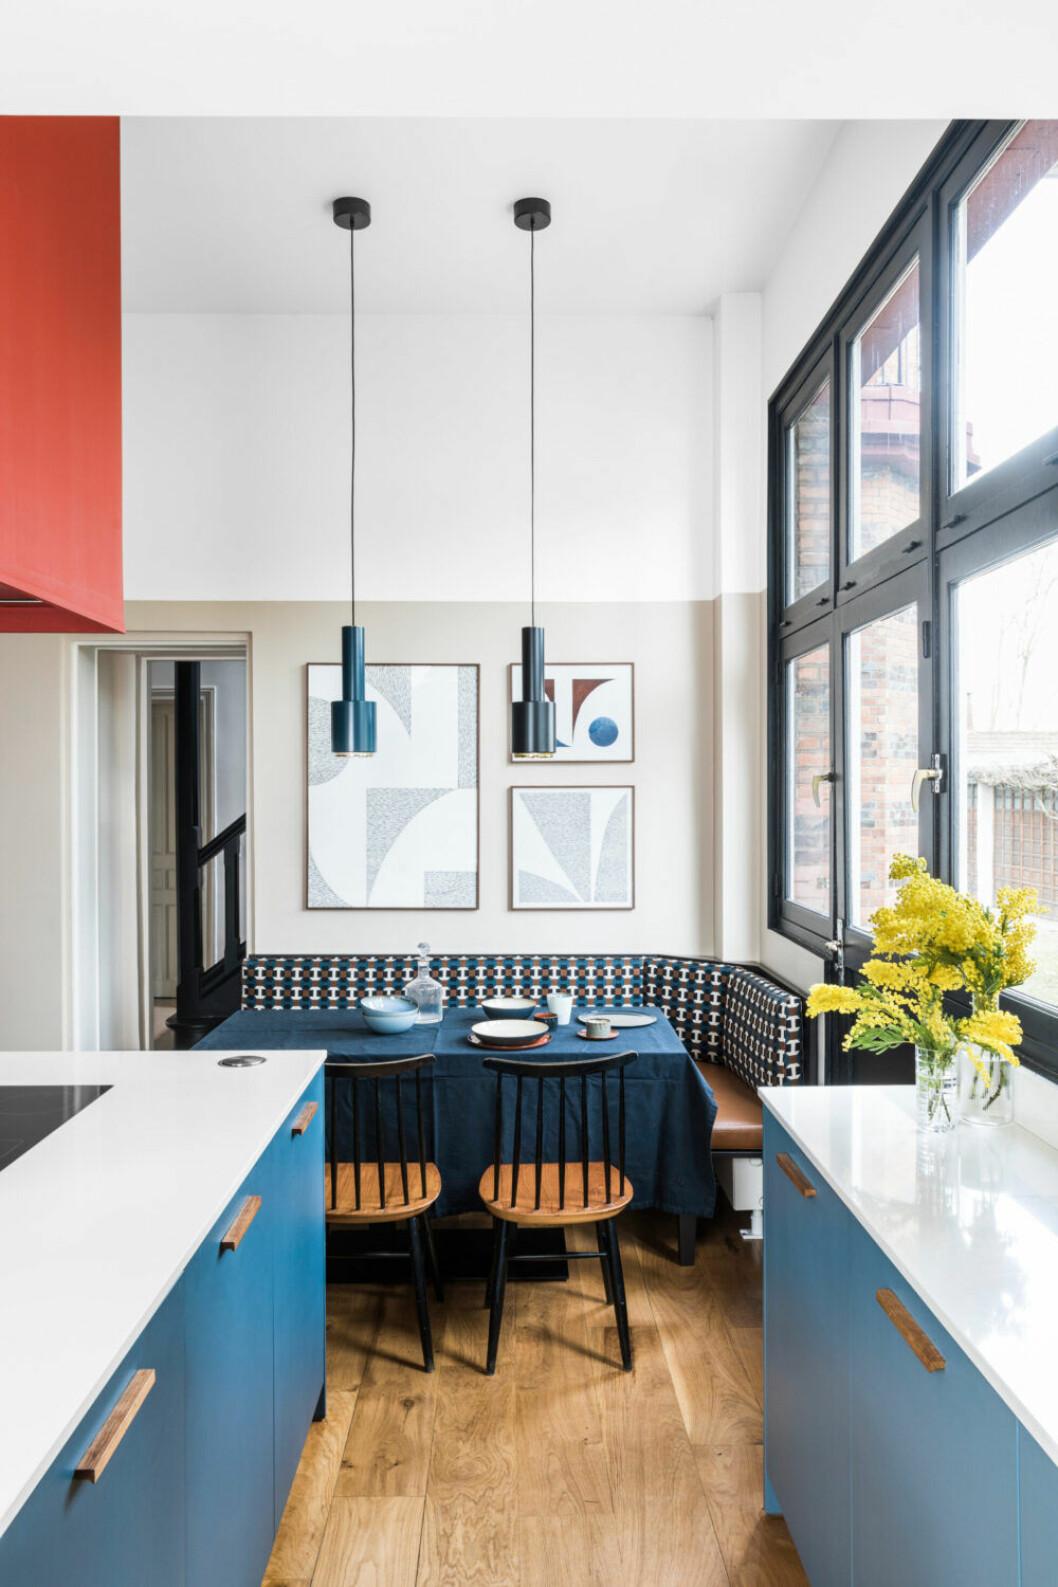 Köket går i flera nyanser av blått med blåa köksskåp, blå belysning och blåa bord